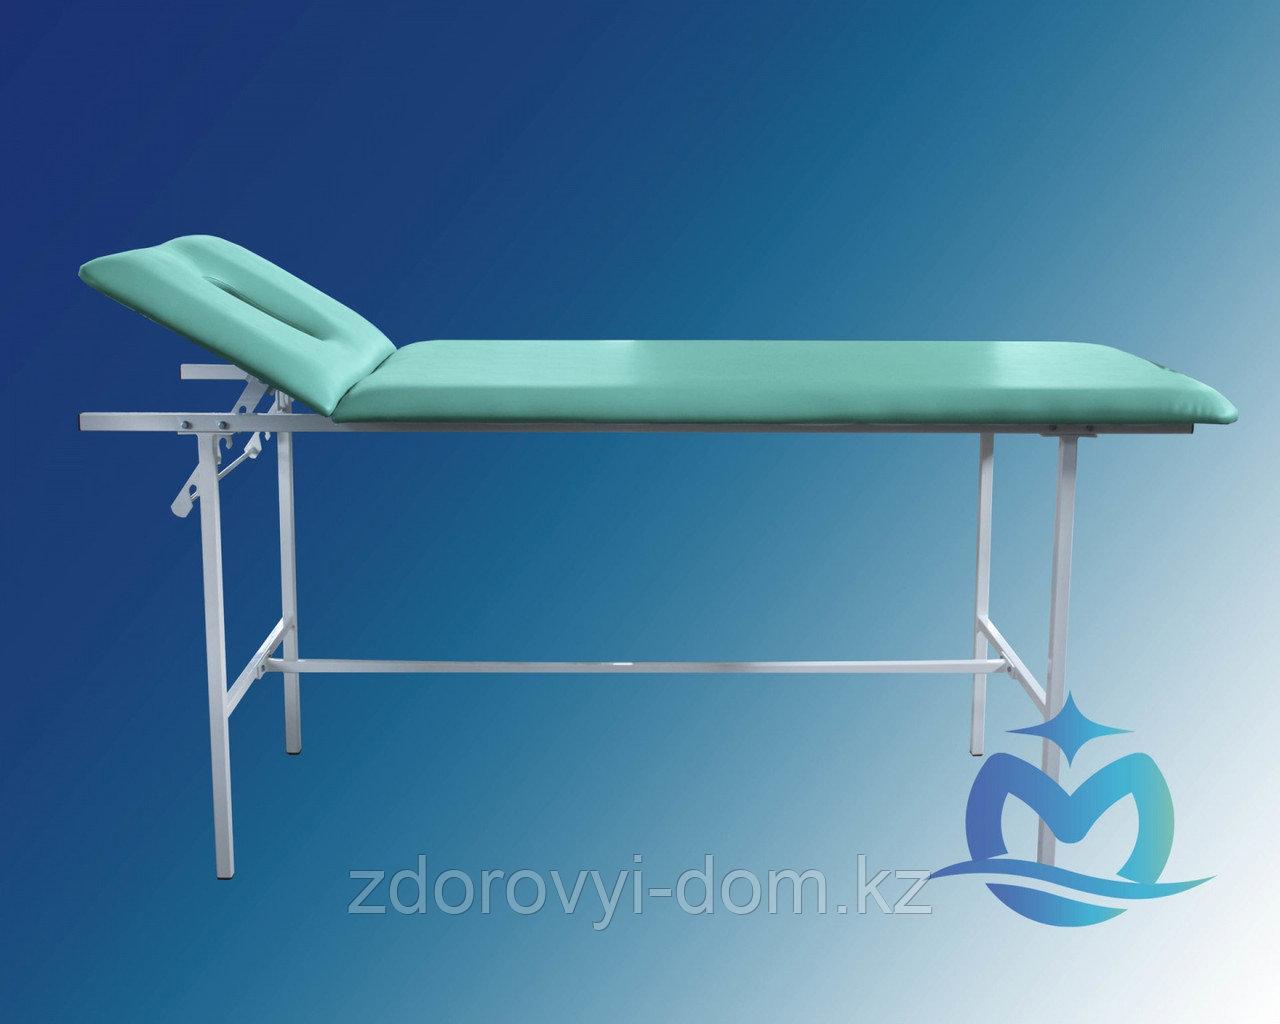 Кушетка медицинская массажнаяКМм-01-«Ока-Медик» (с вырезом для лица, ППУ 20 мм)